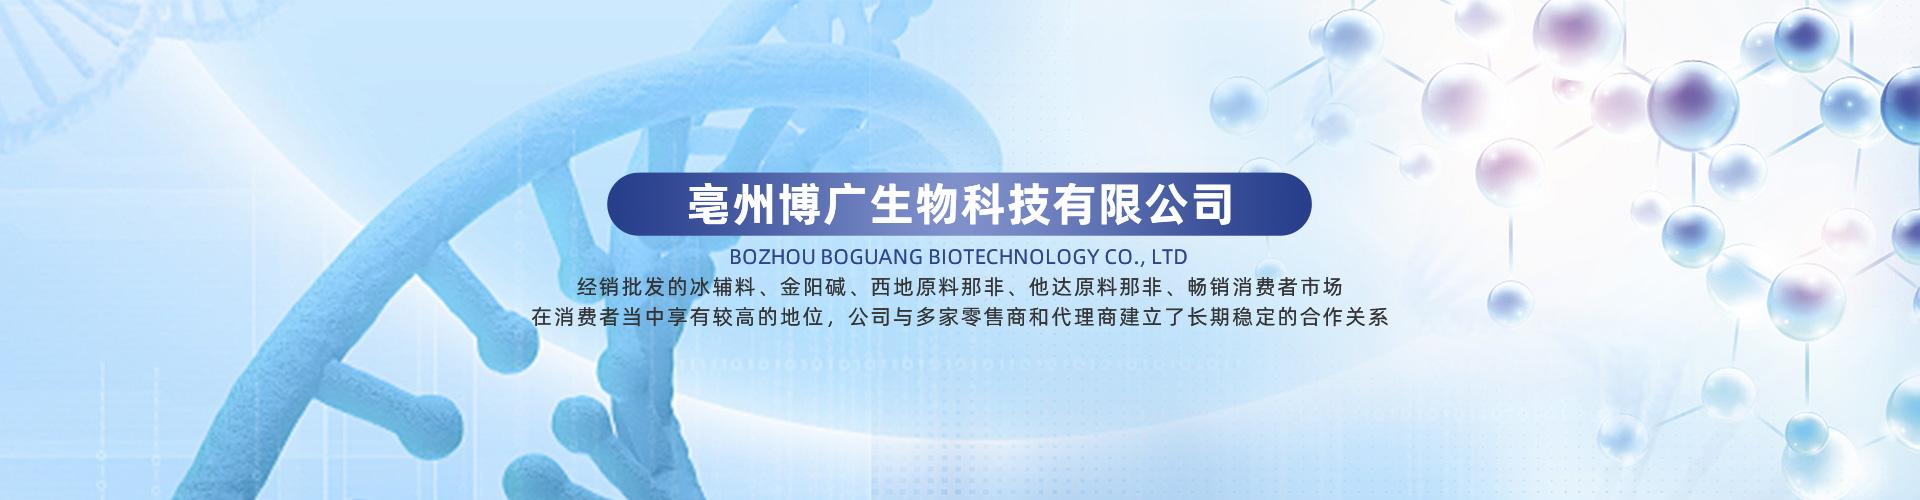 亳州博廣生物科技有限公司